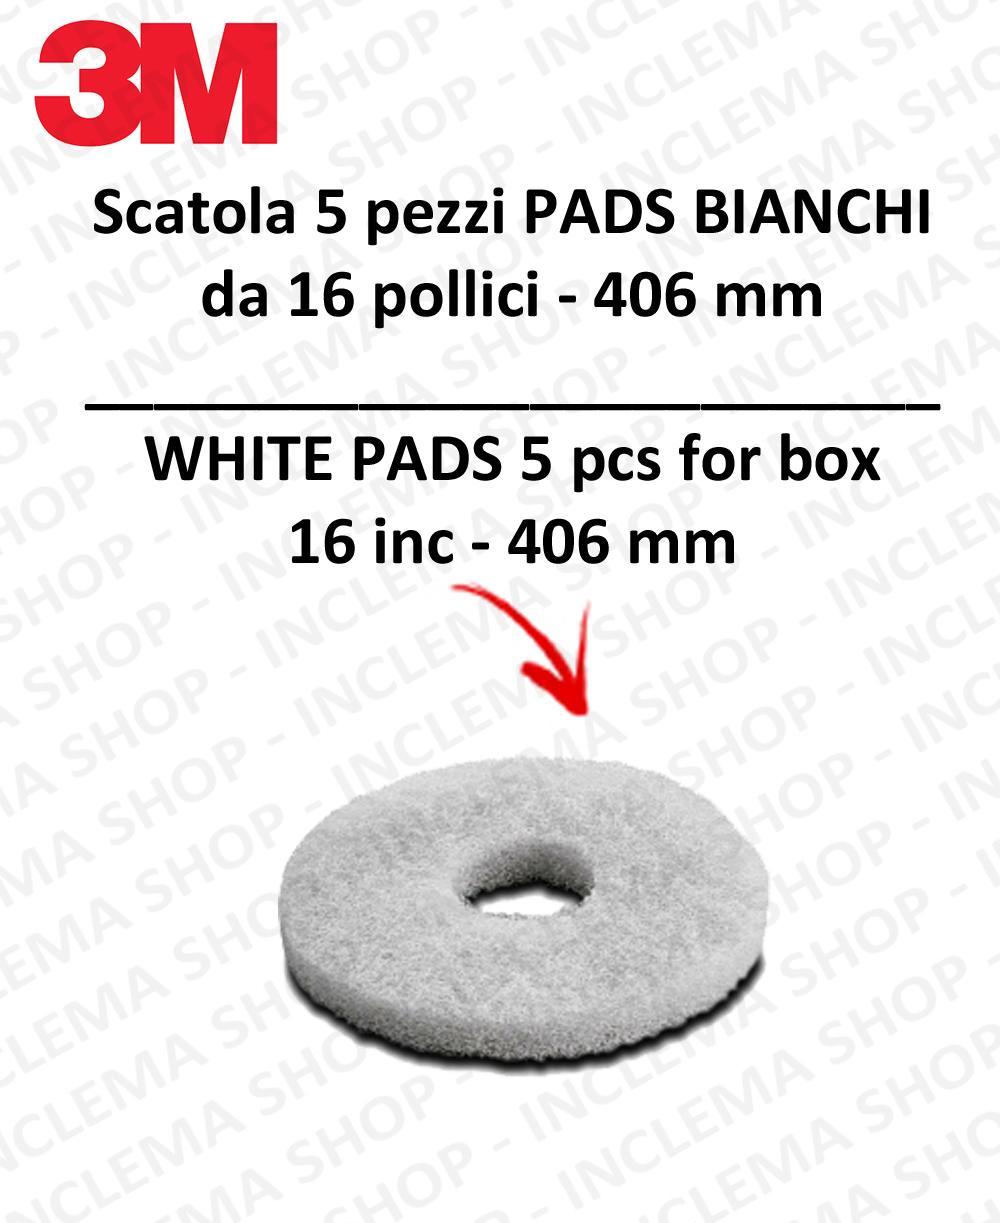 PAD 3M 5 pezzi Bianco da 16 pollici 406 mm  per lavapavimenti e monospazzole